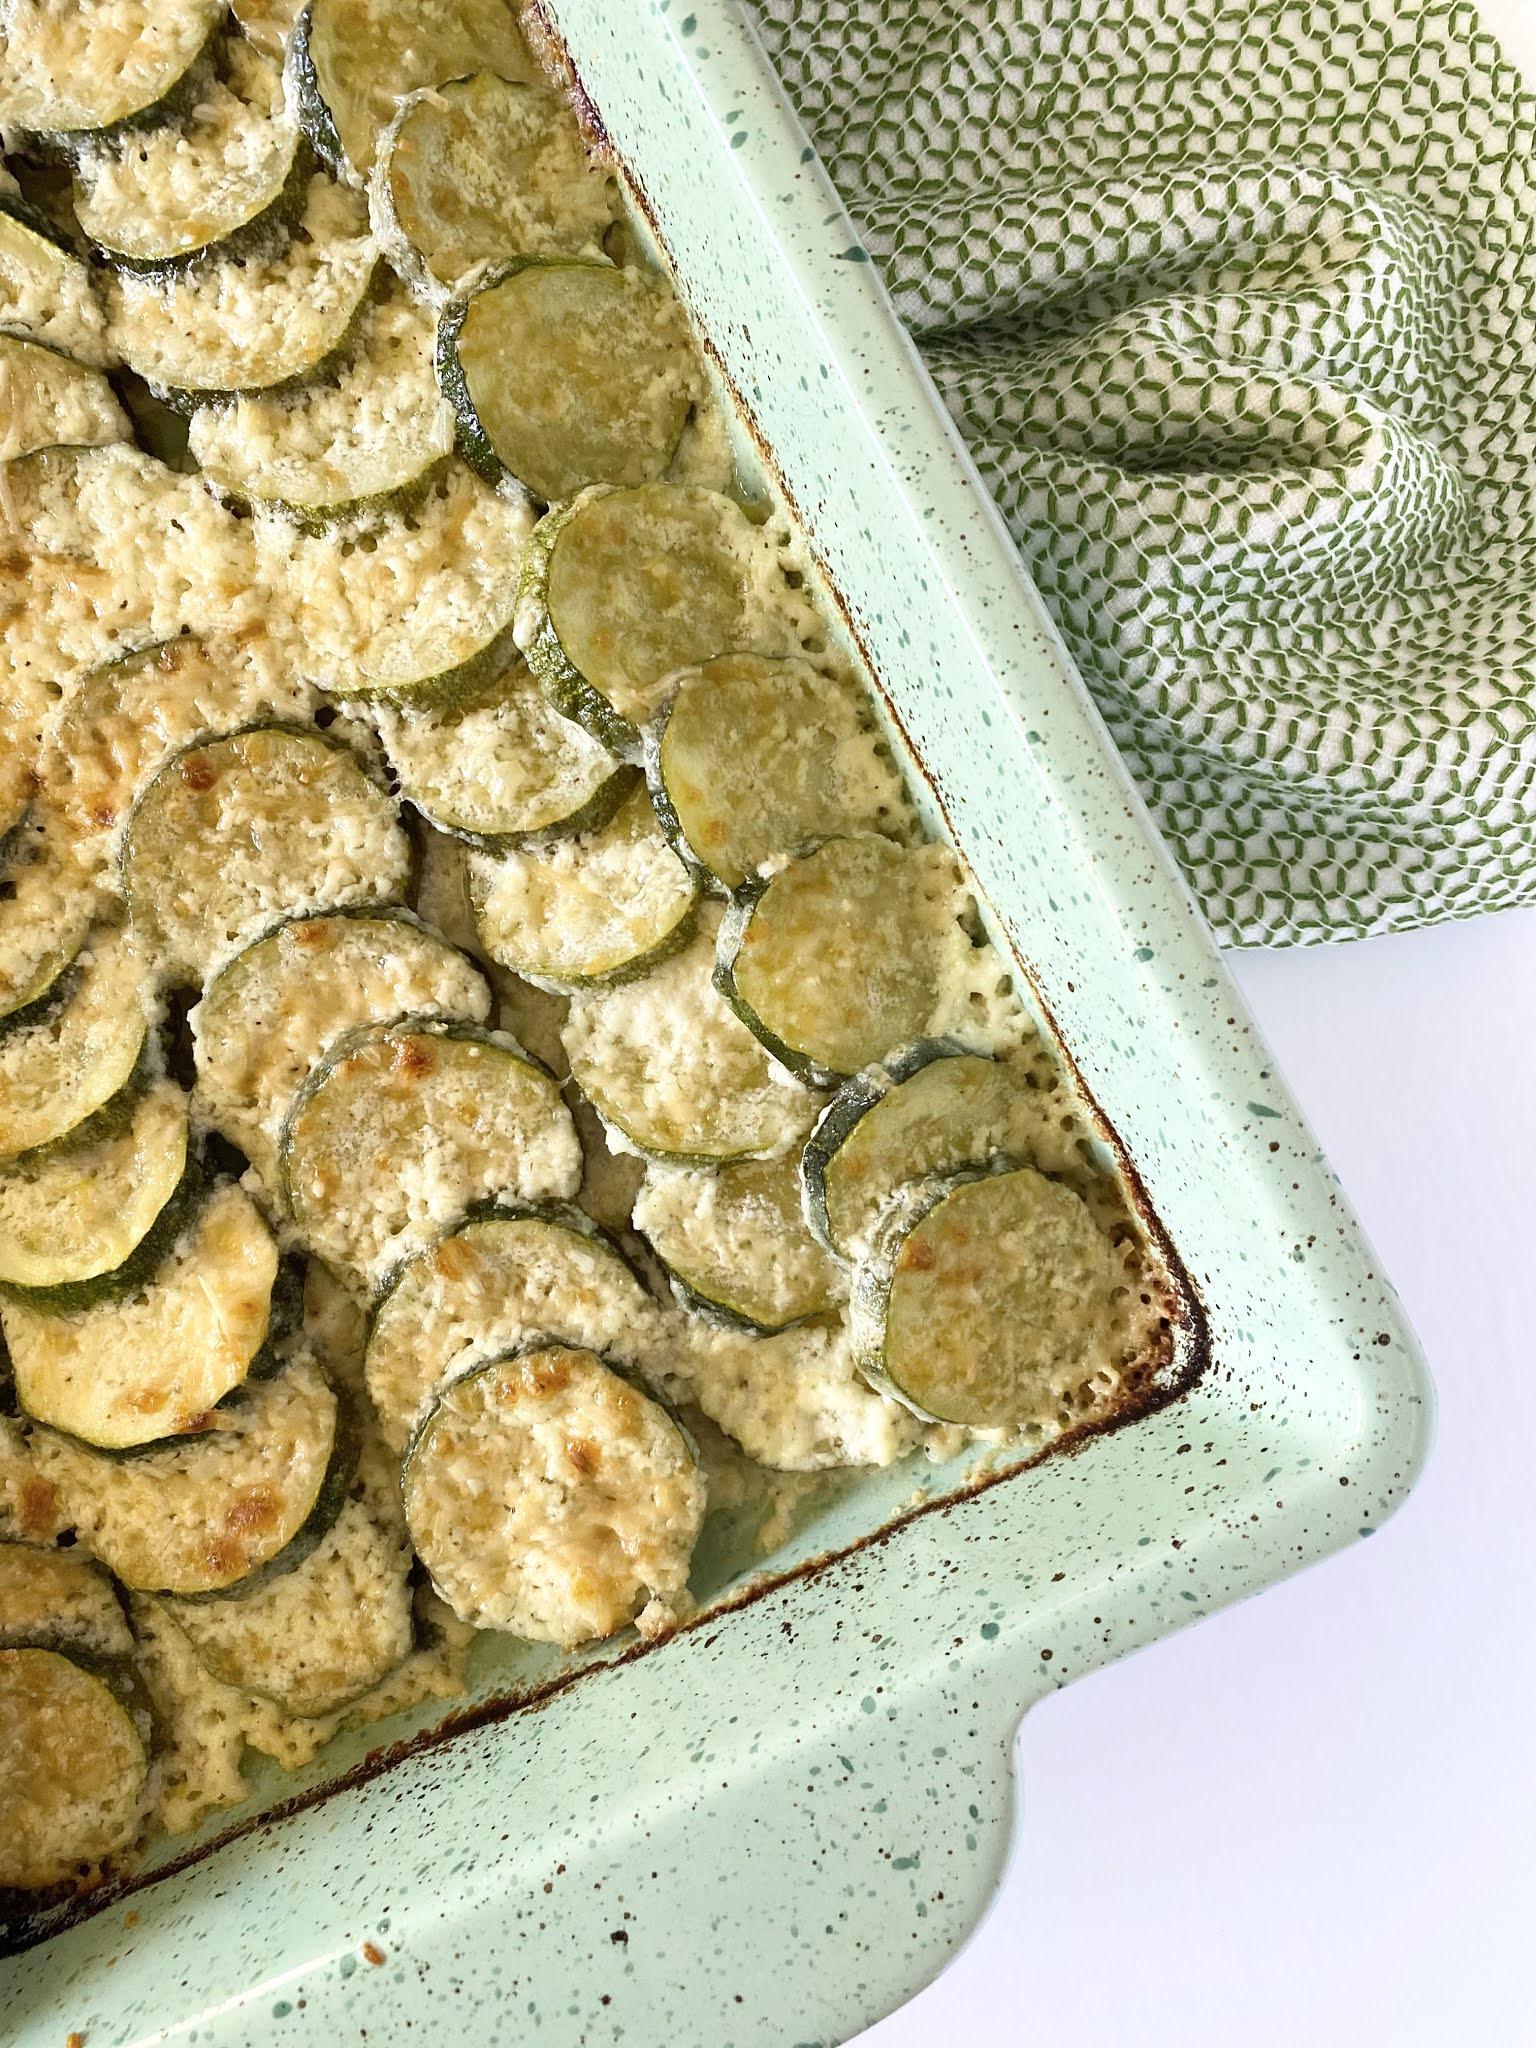 Scalloped Parmesan Zucchini Bake